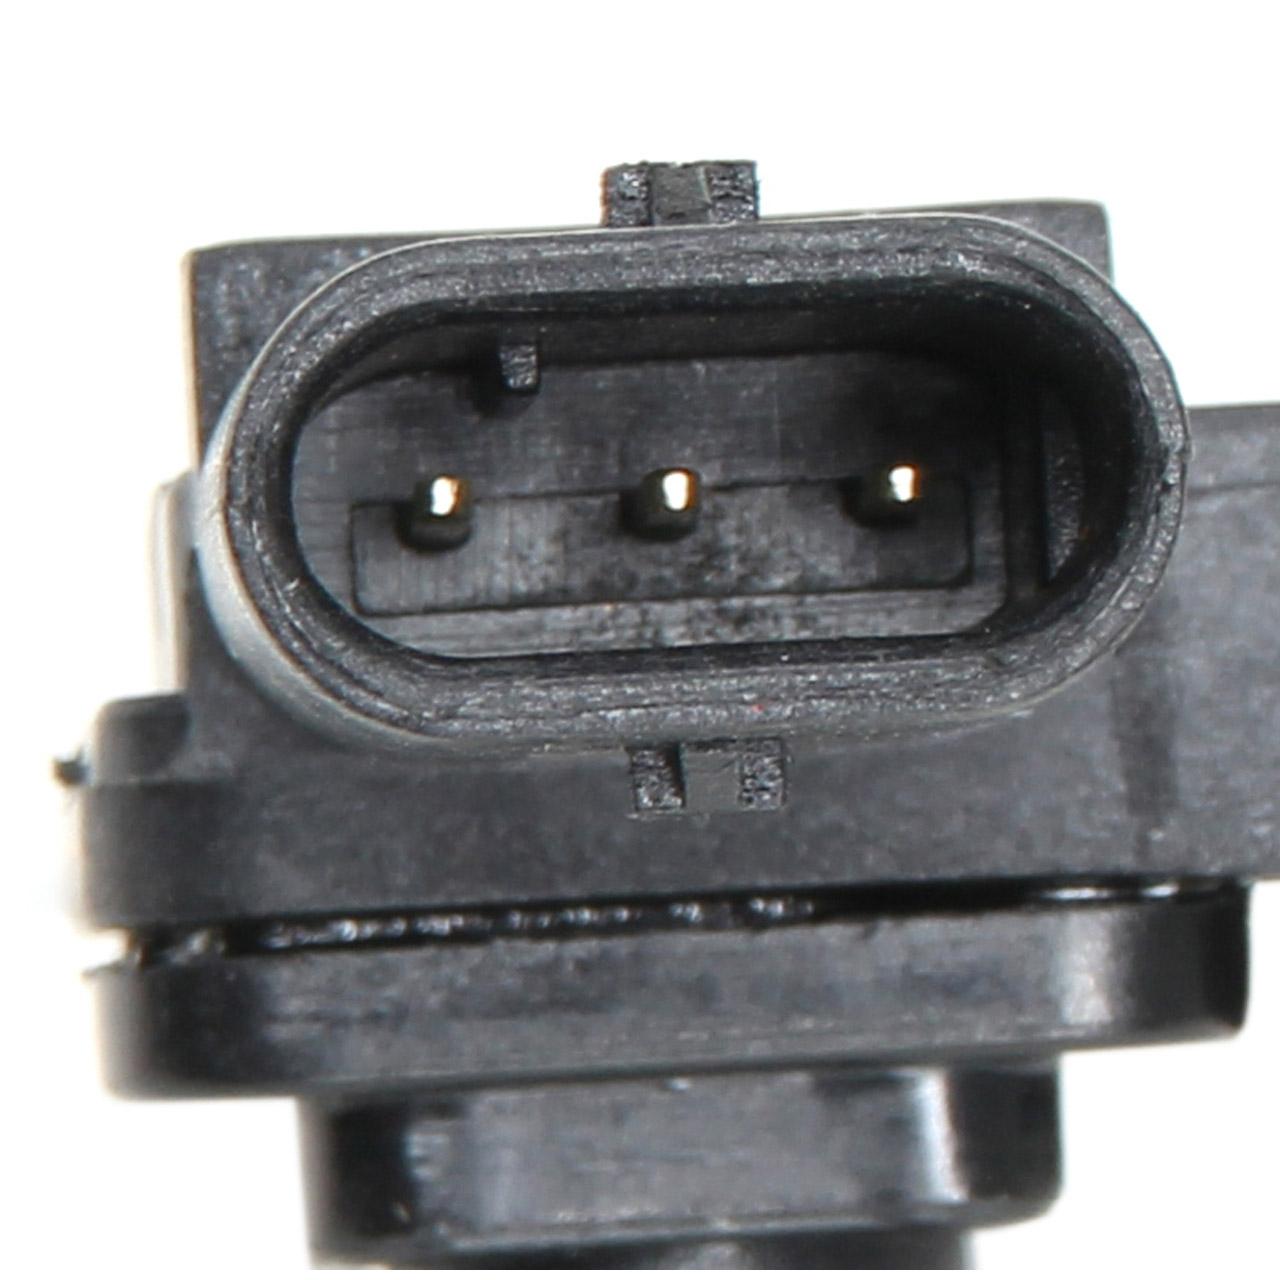 AIC Saugrohrdrucksensor BMW 1er E87 F20 F21 3er E90 F30 G20 N47 N57 B47 B57 13627804742